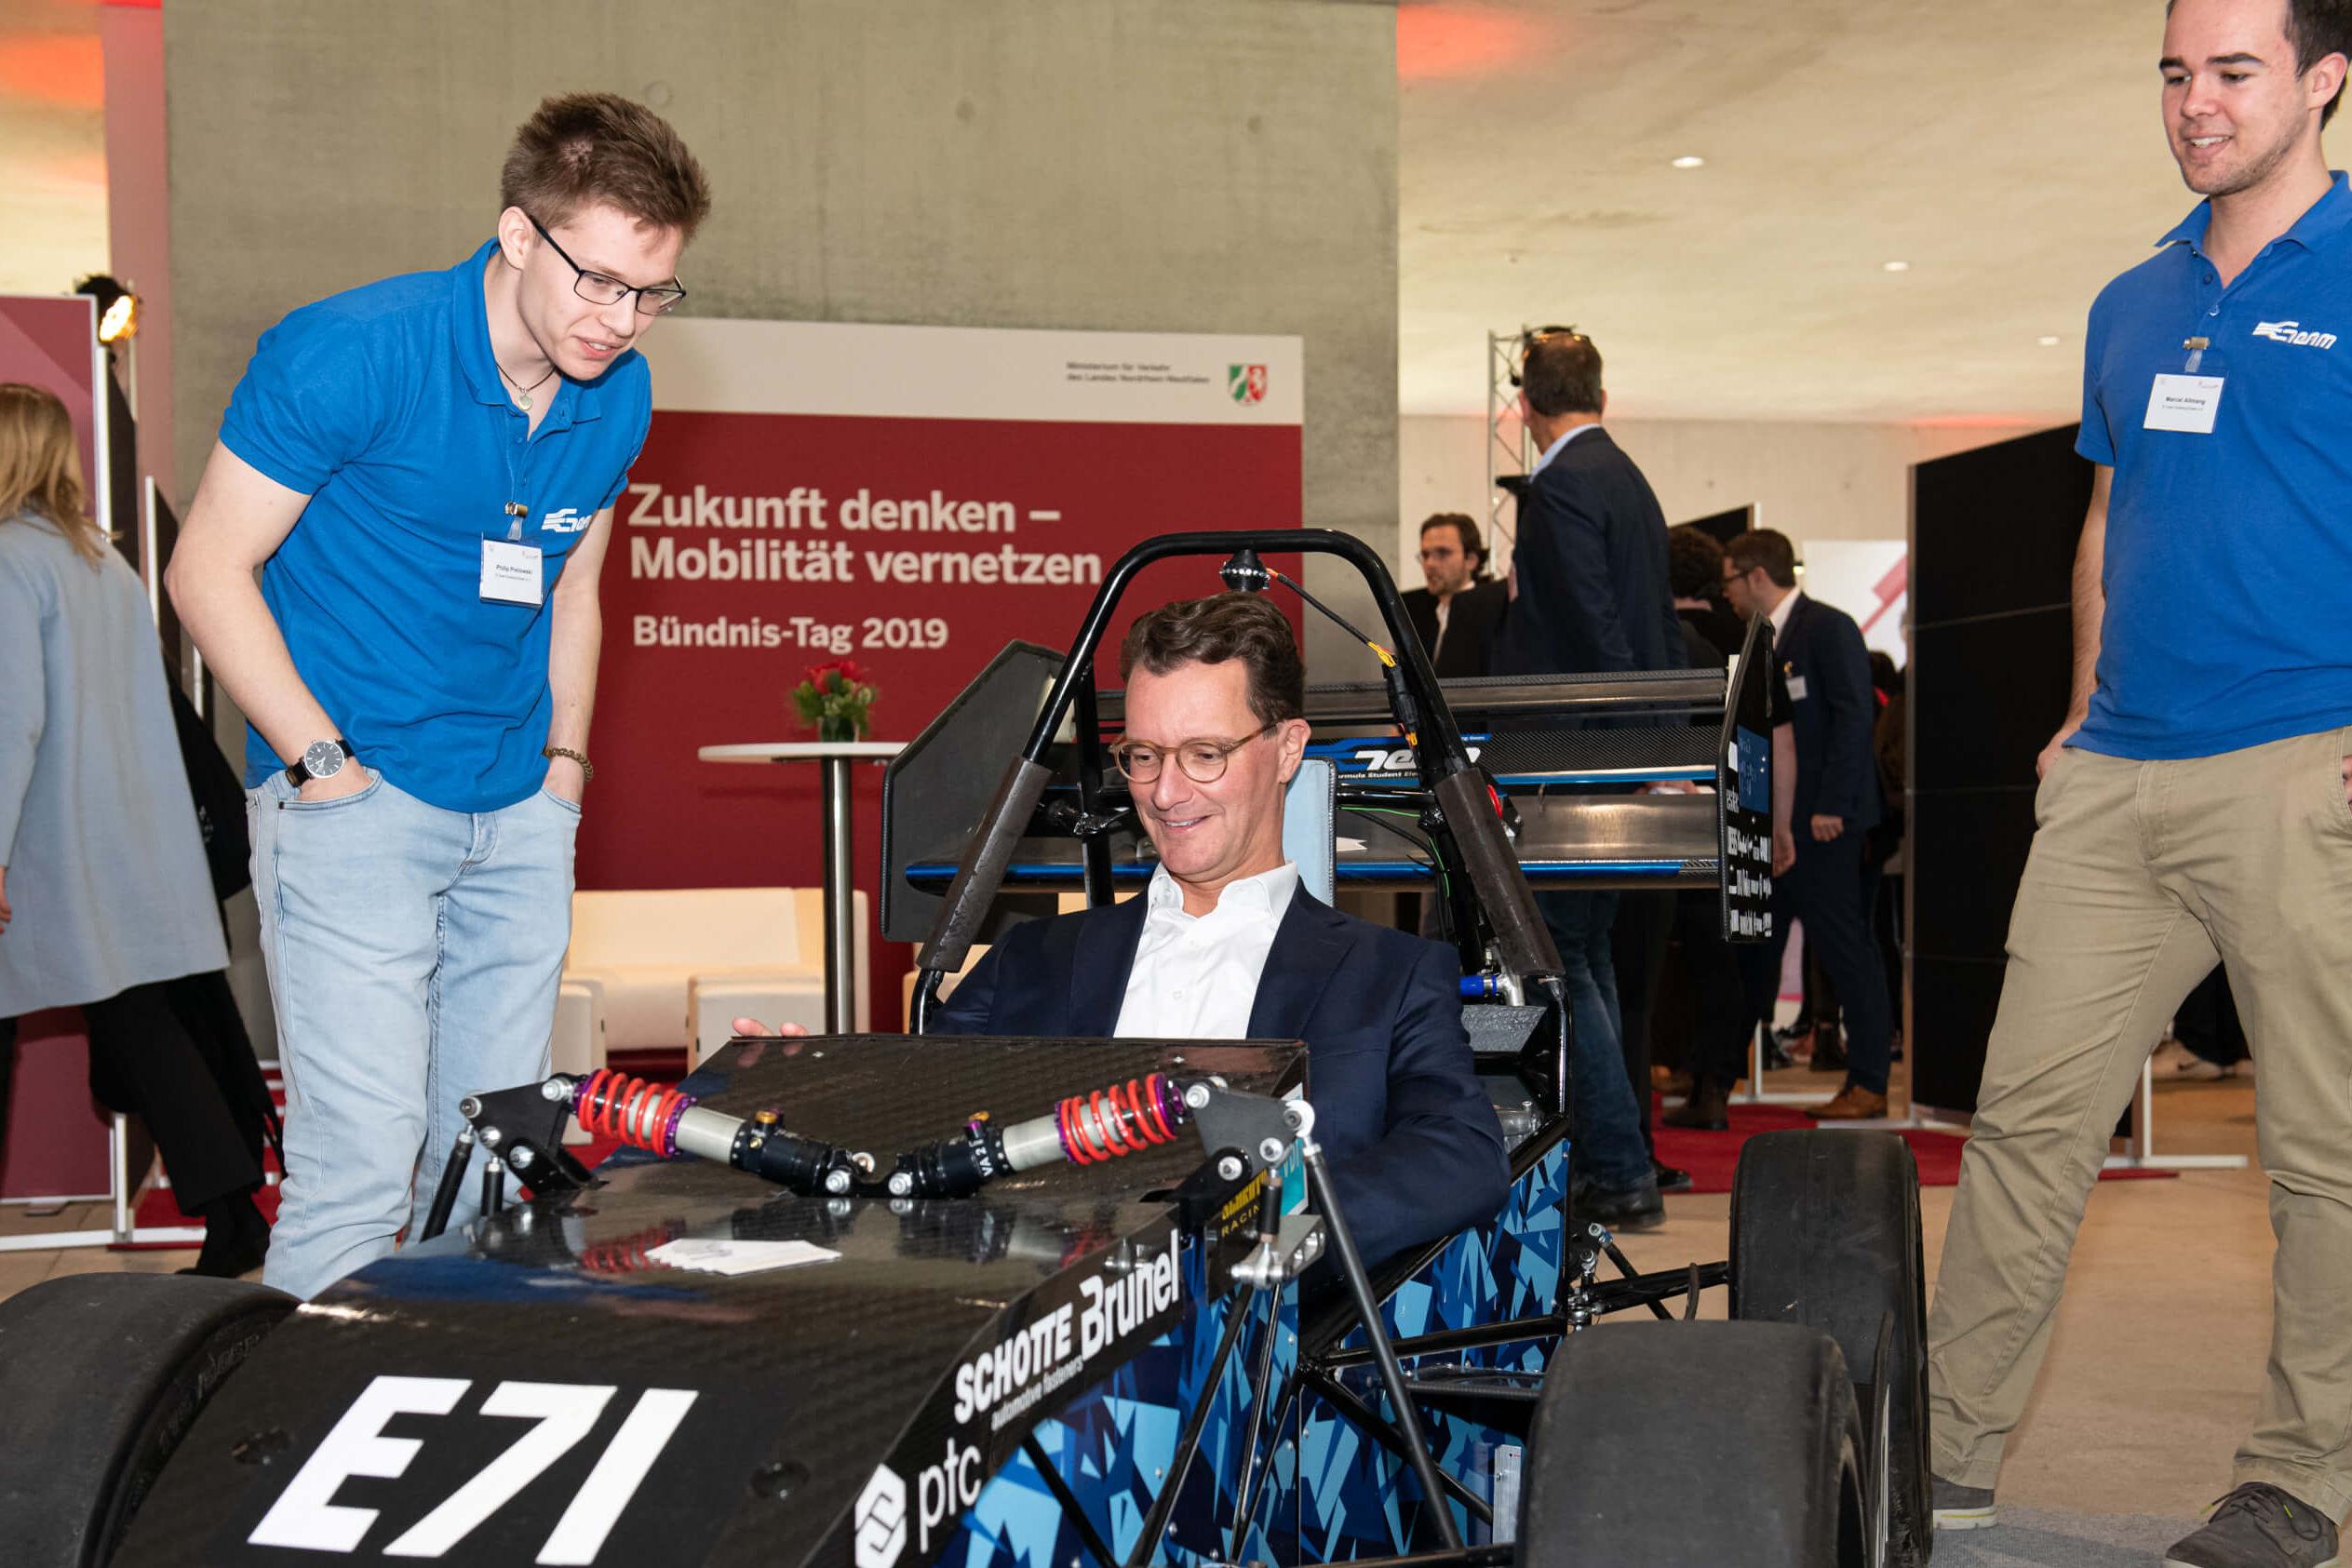 Der Verkehrminister NRW, dunkle Haare und dunkler Angug, sitzt in einem futuristischen Gefährt. Zwei junge Männer mit Namensschildern stehen daneben.